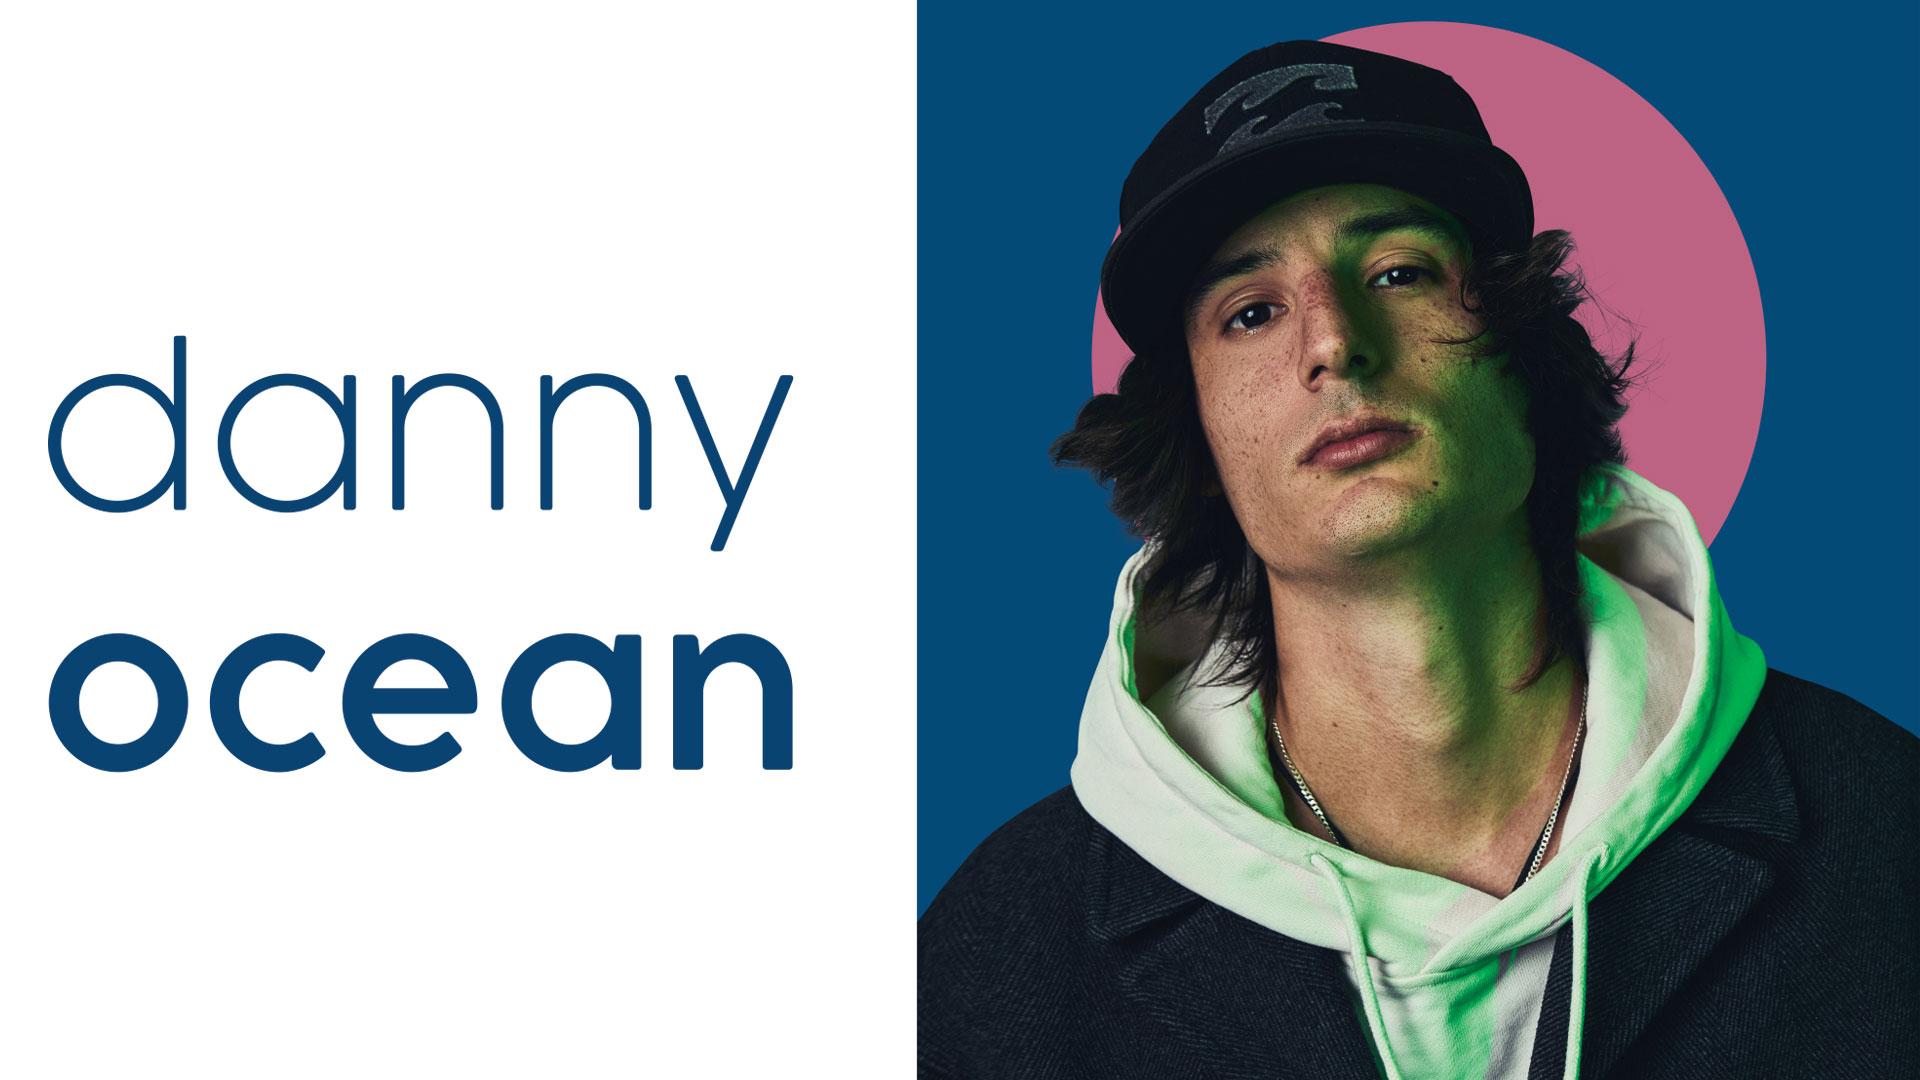 Danny Ocean